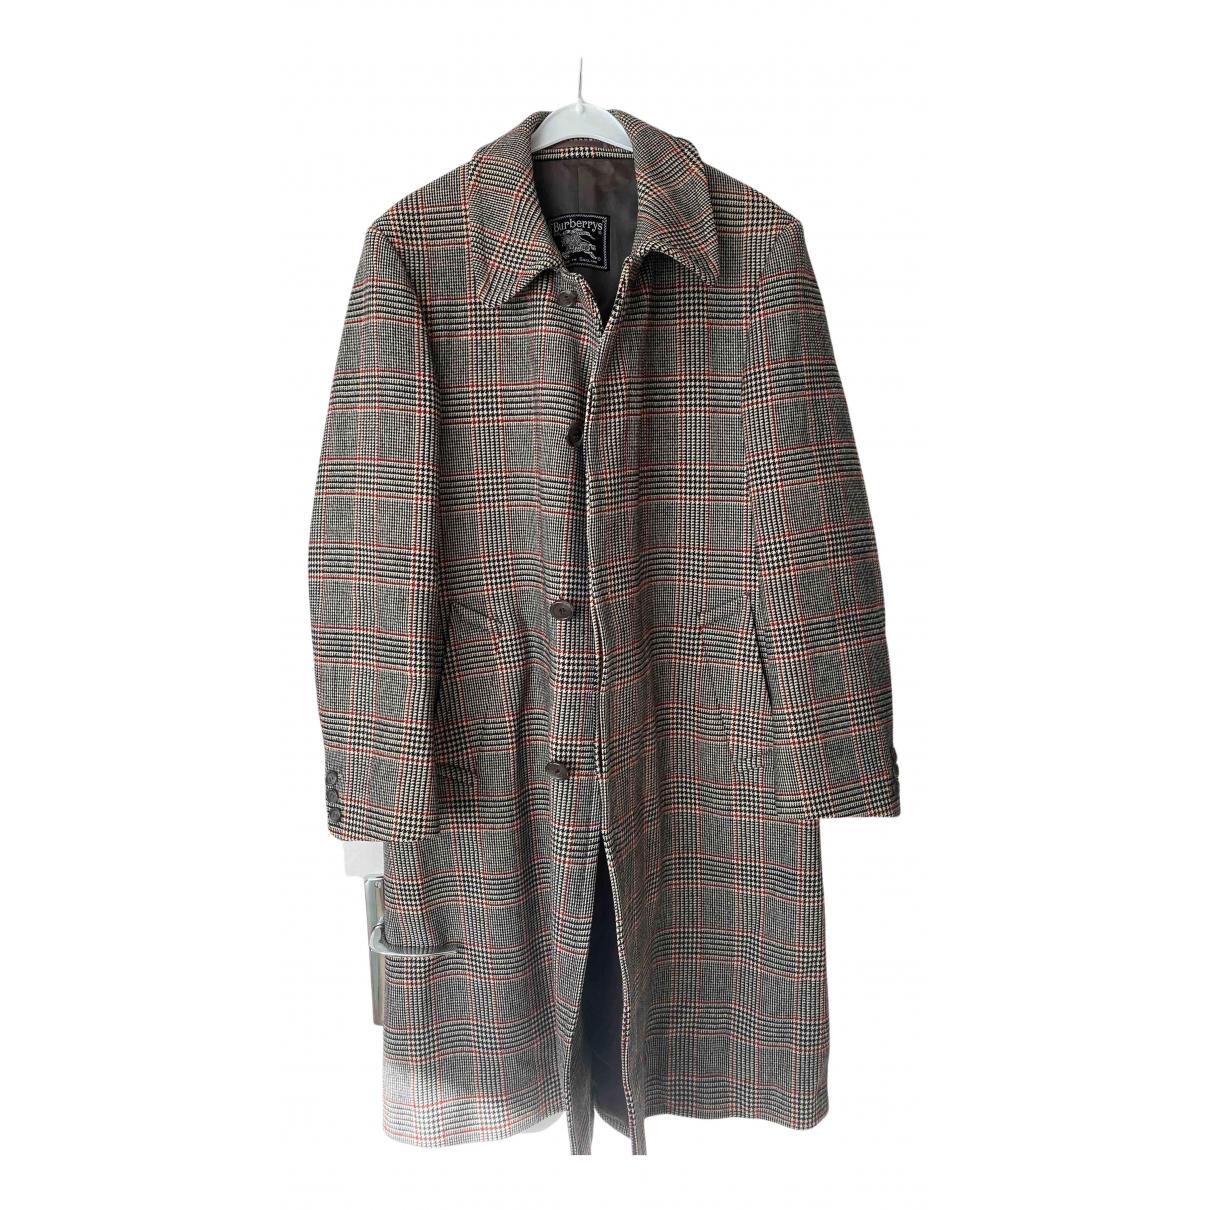 Burberry - Manteau   pour homme en laine - beige